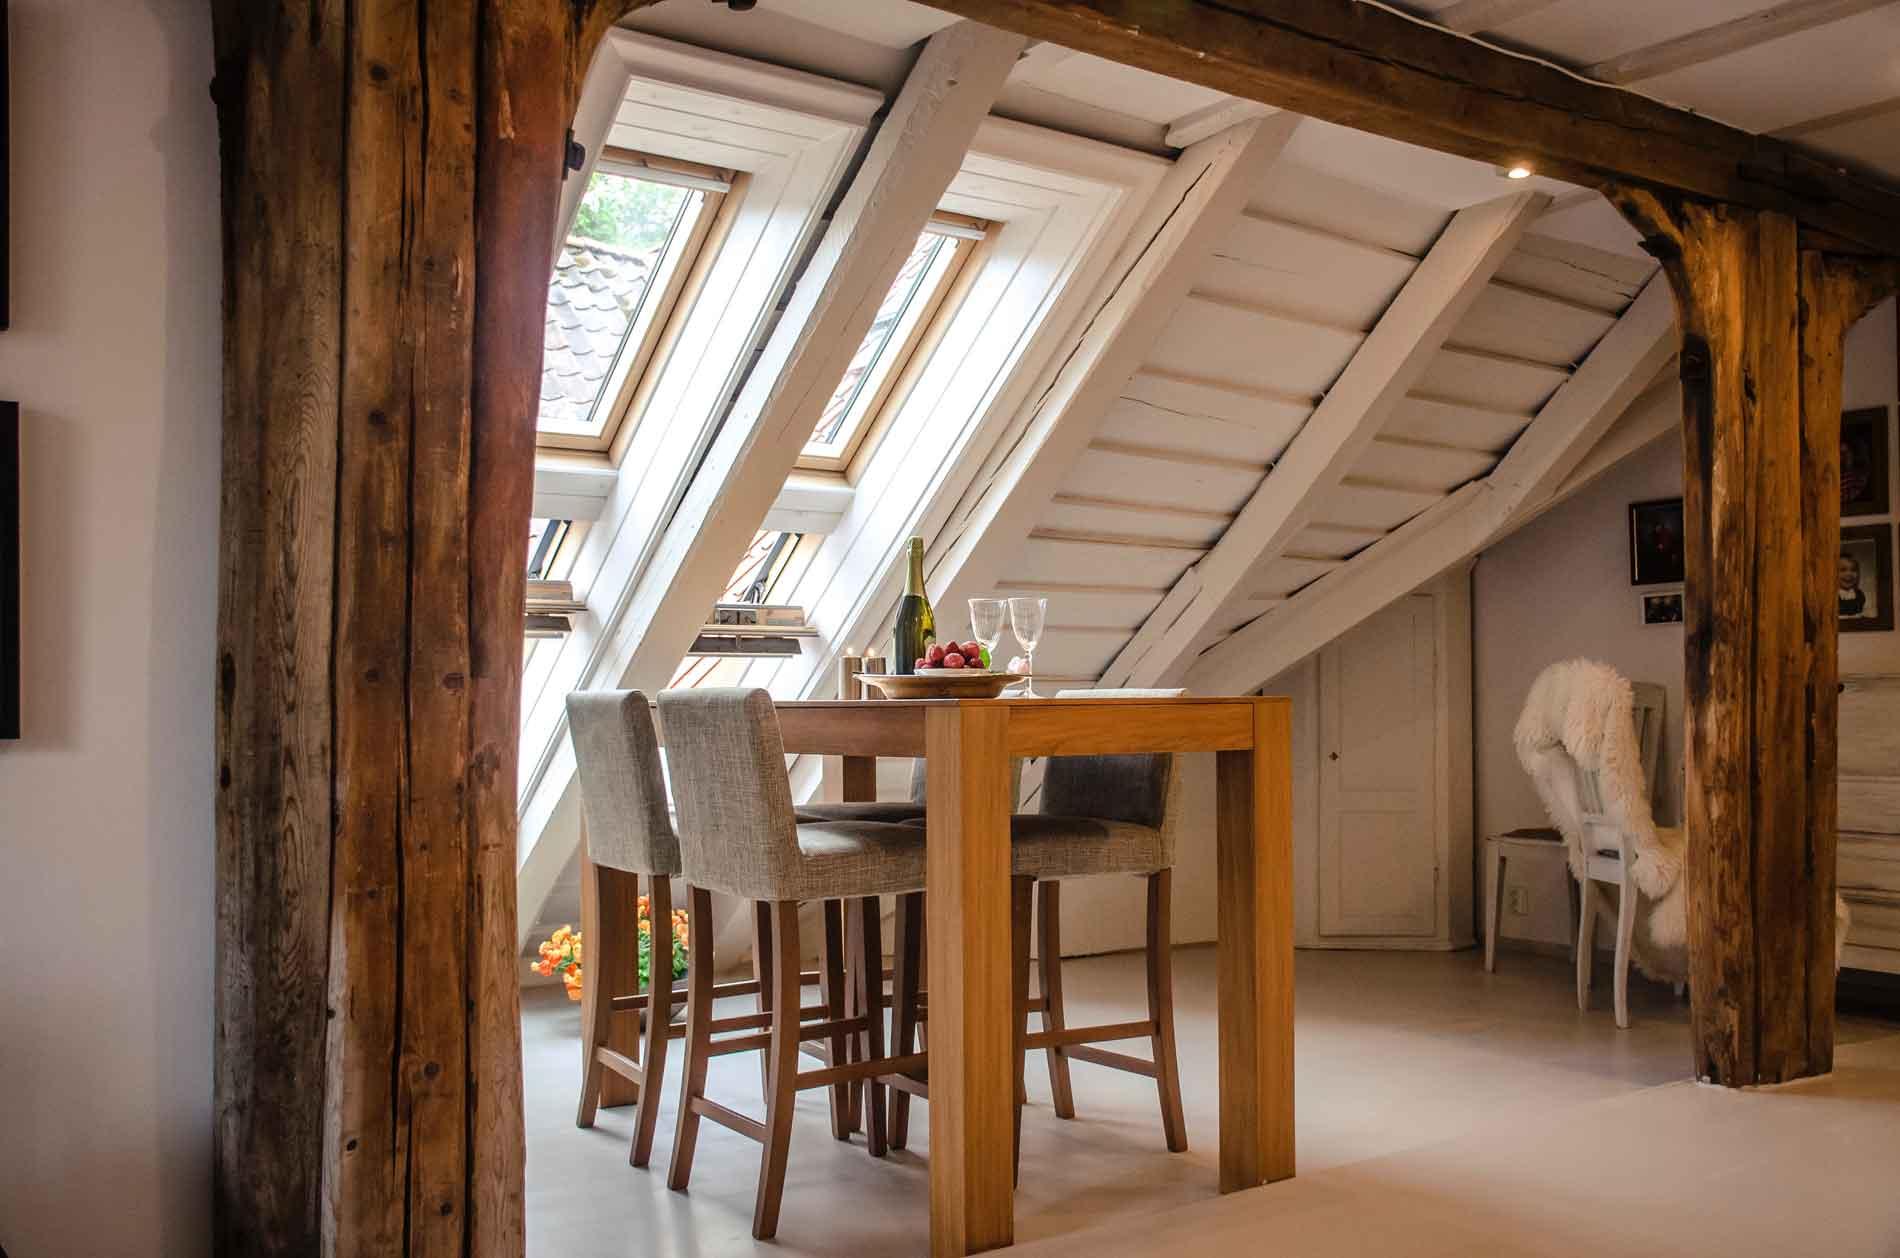 Home & Living, Wohnen, Wohnraum, Velux, Rollos, Plissees, Rolladen, Zuhause,